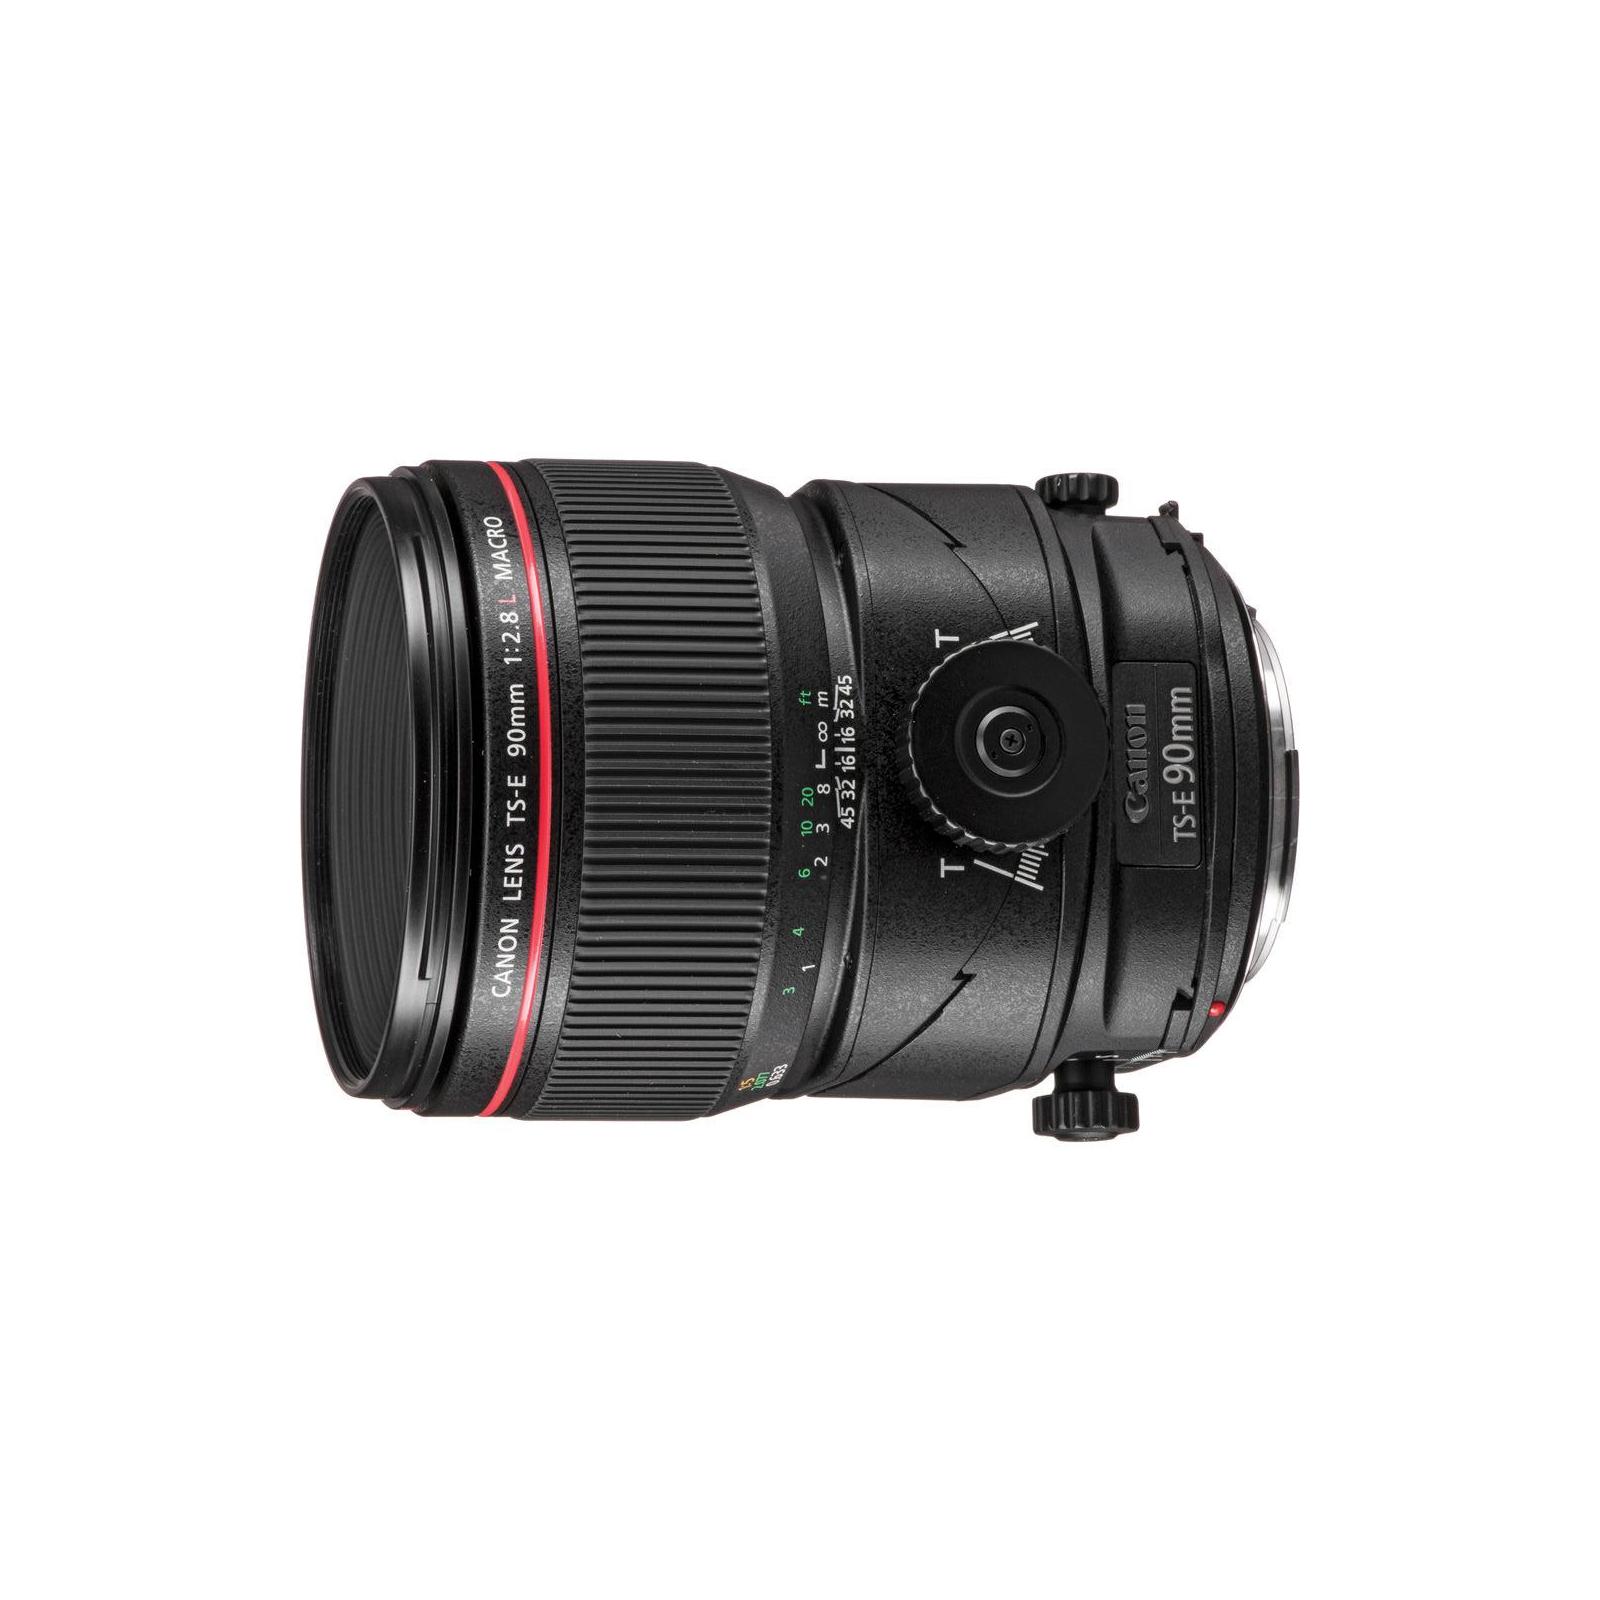 Объектив Canon TS-E 90mm f/2.8 L Macro (2274C005)